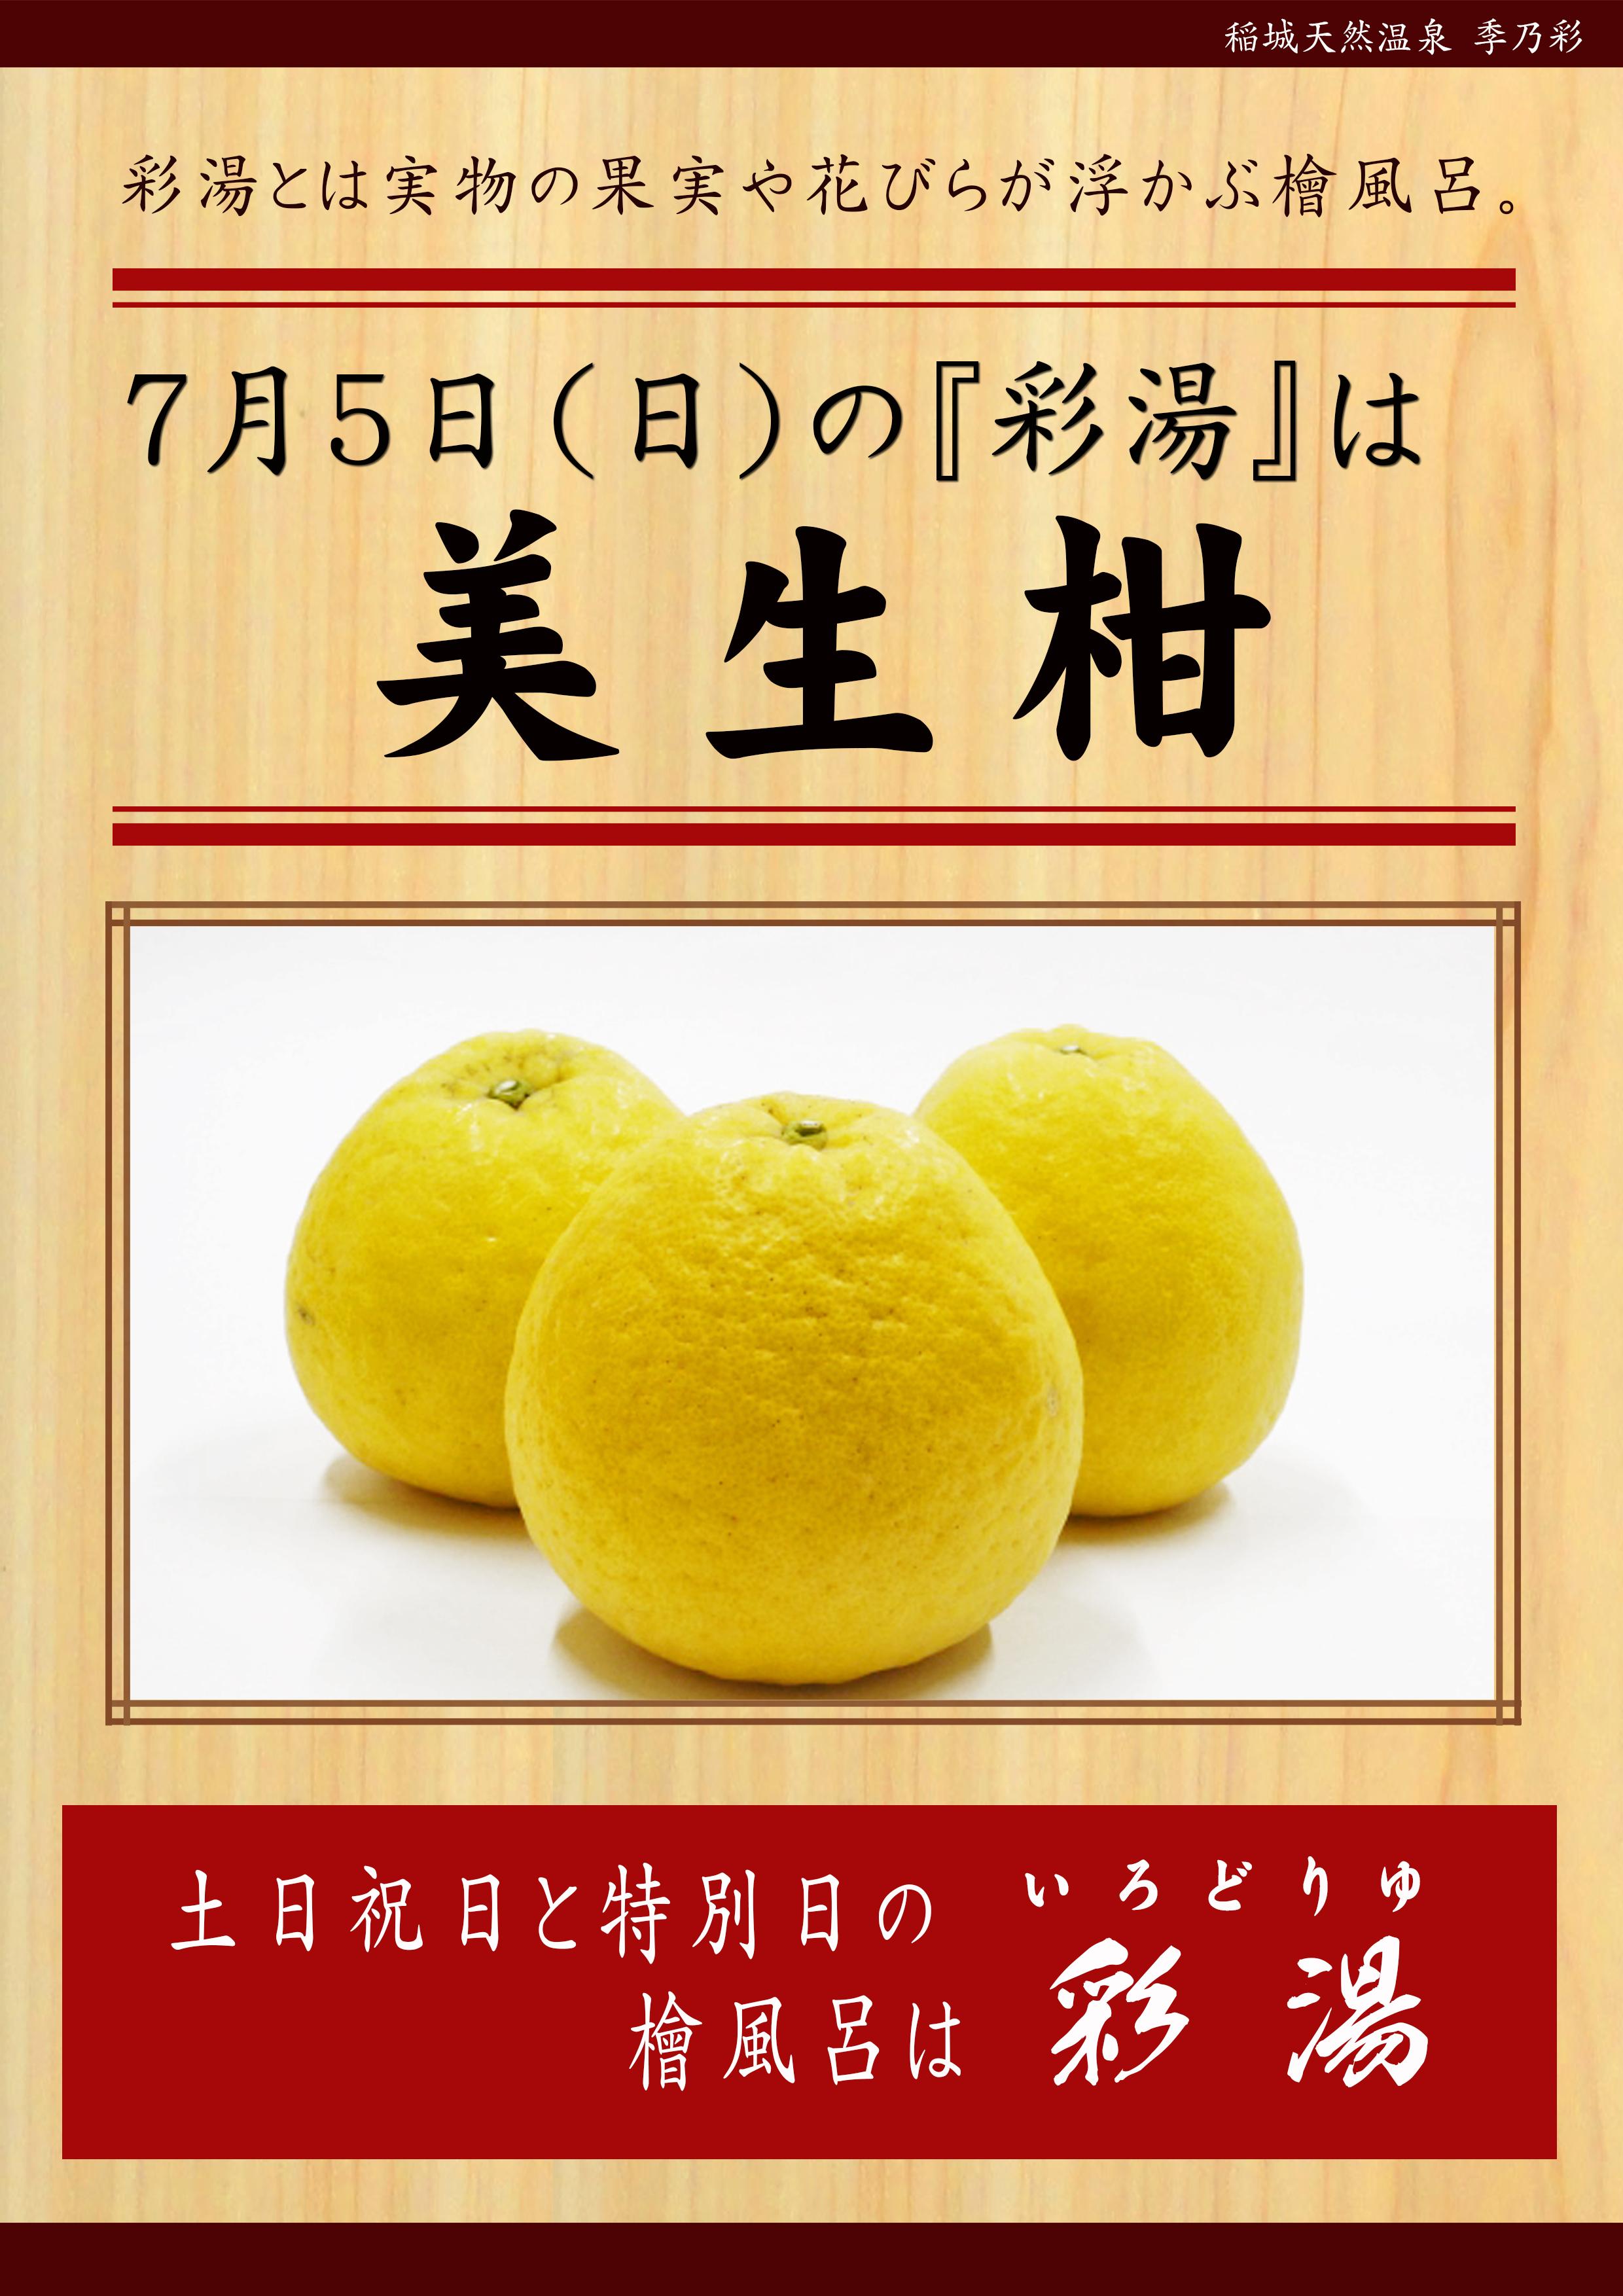 200705 POP イベント 彩湯 美生柑